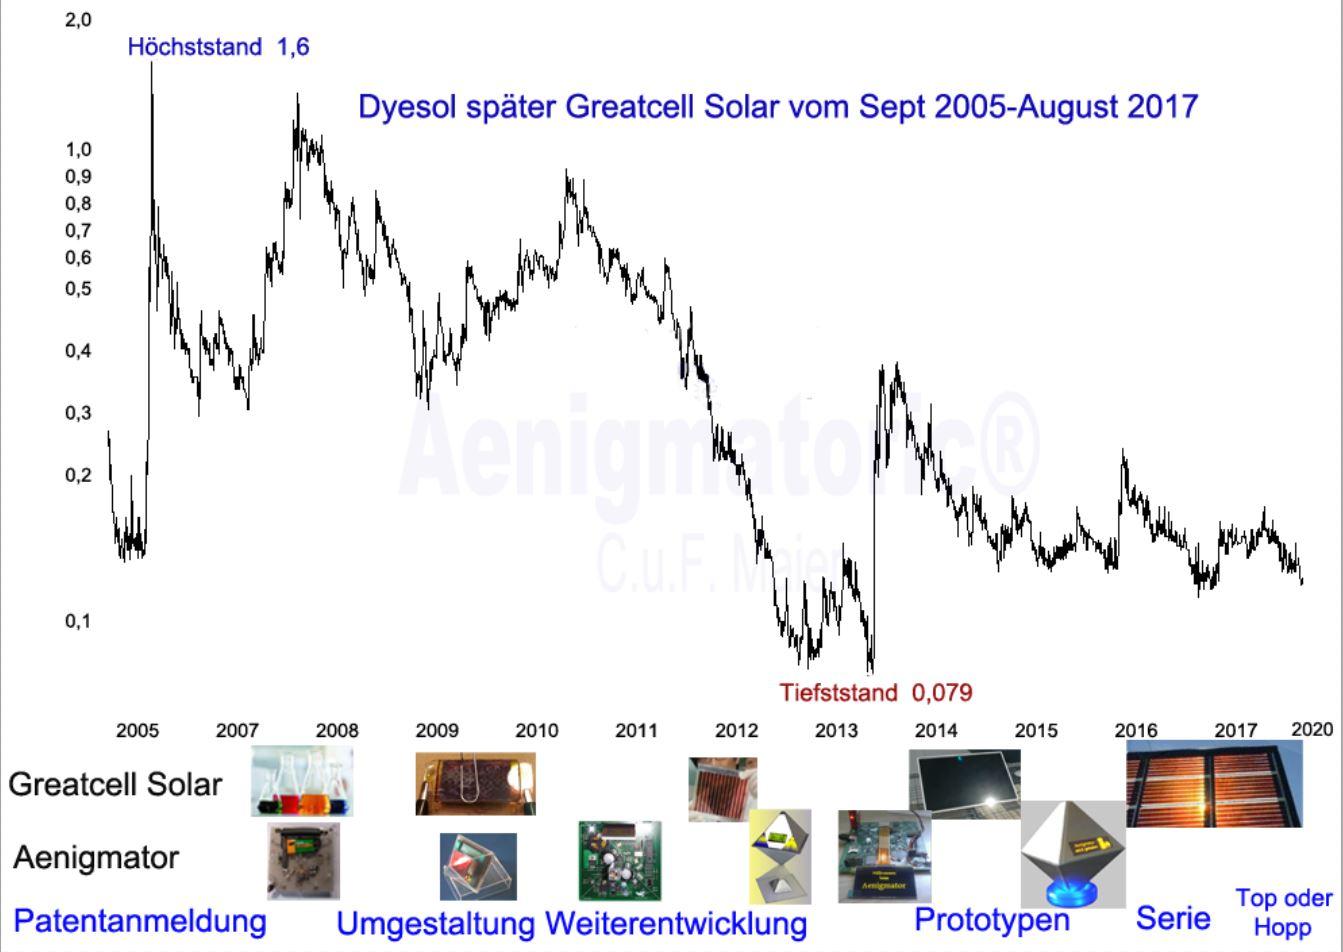 chart_greatcells_aenigmator_im_vergleich.jpg